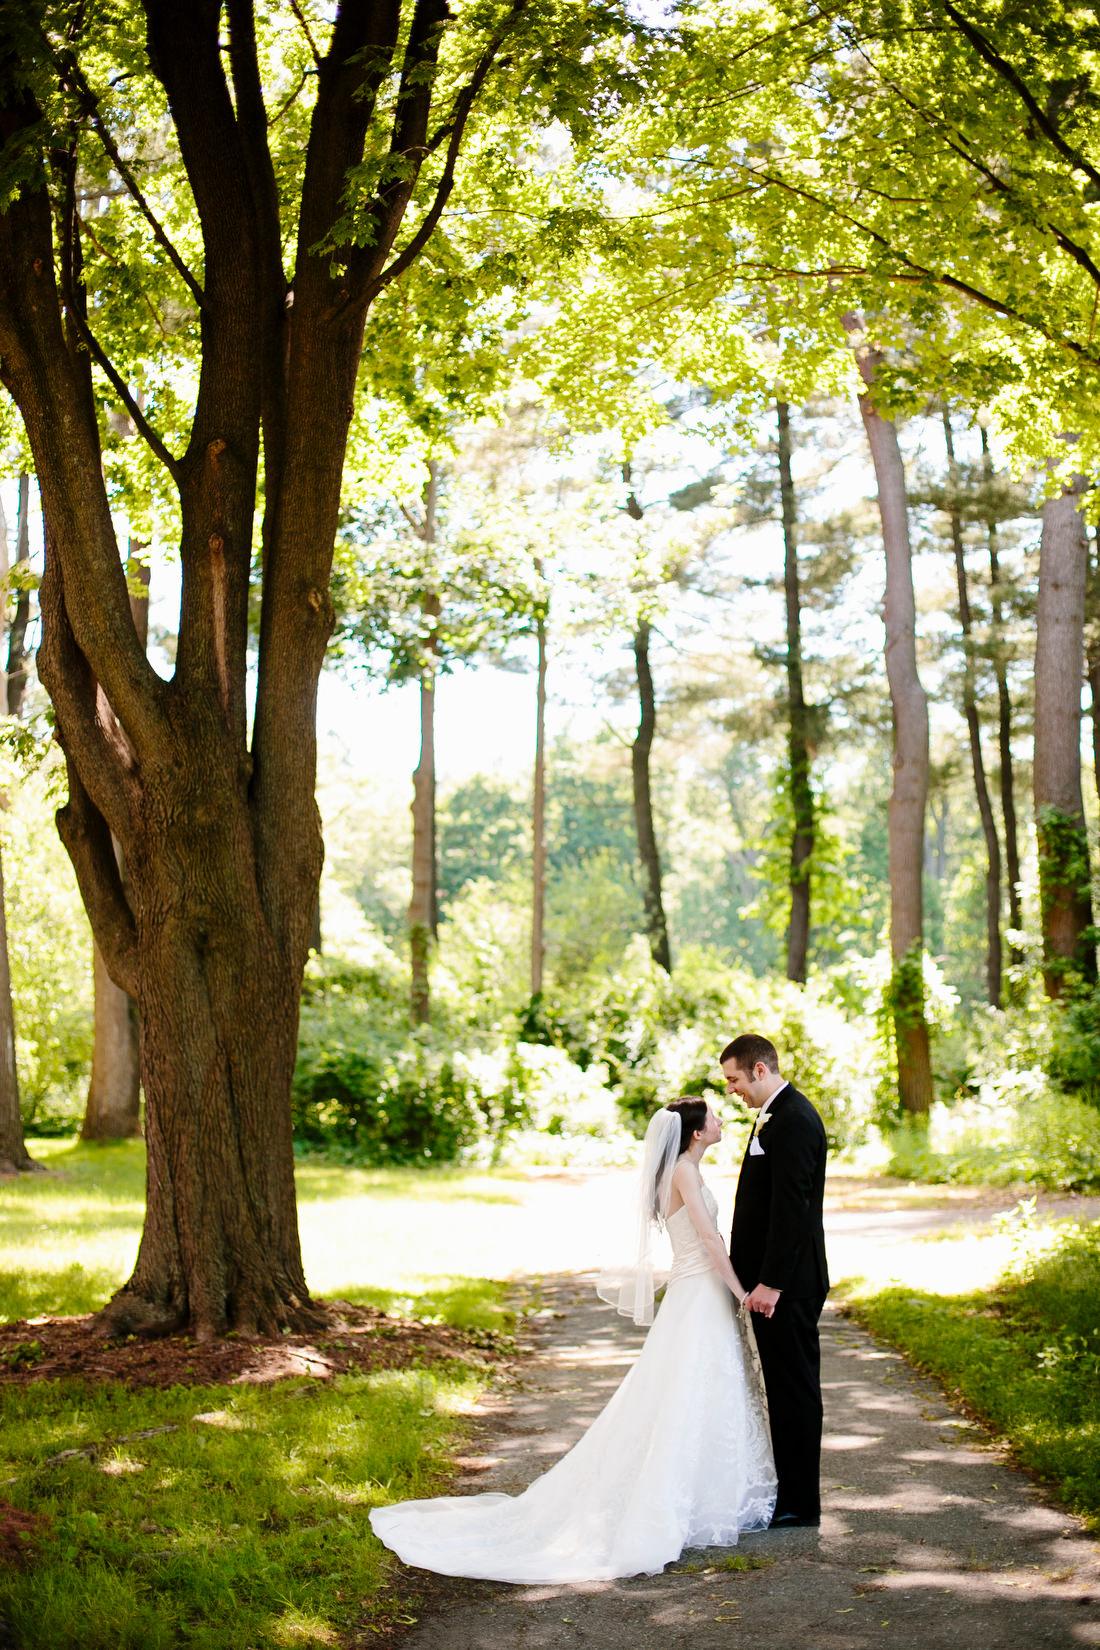 searles_castle_wedding_203.JPG